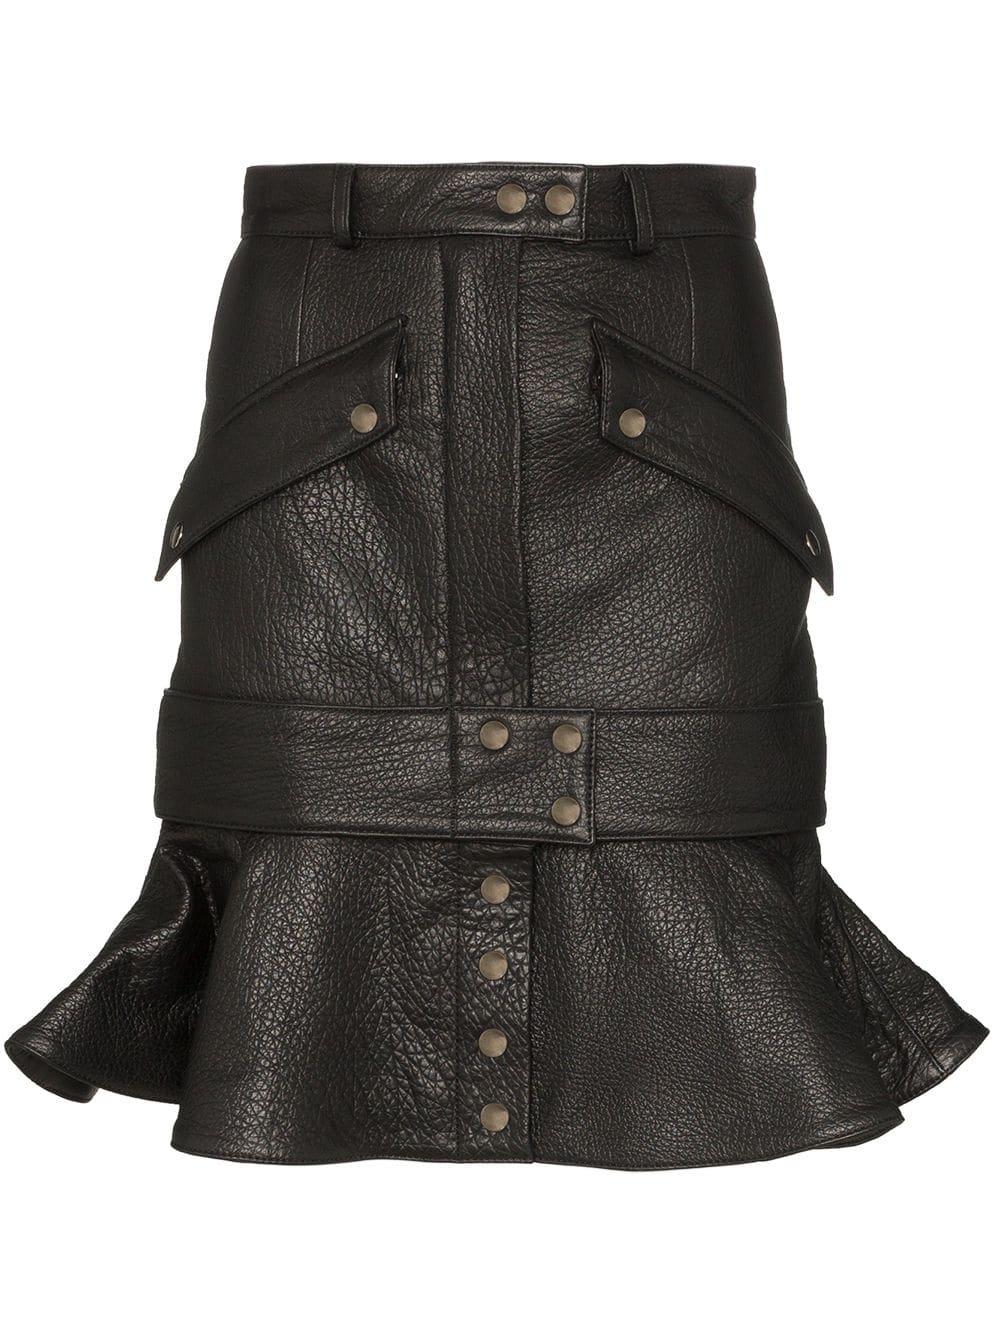 Faith Connexion Ruffled Leather Skirt - Farfetch